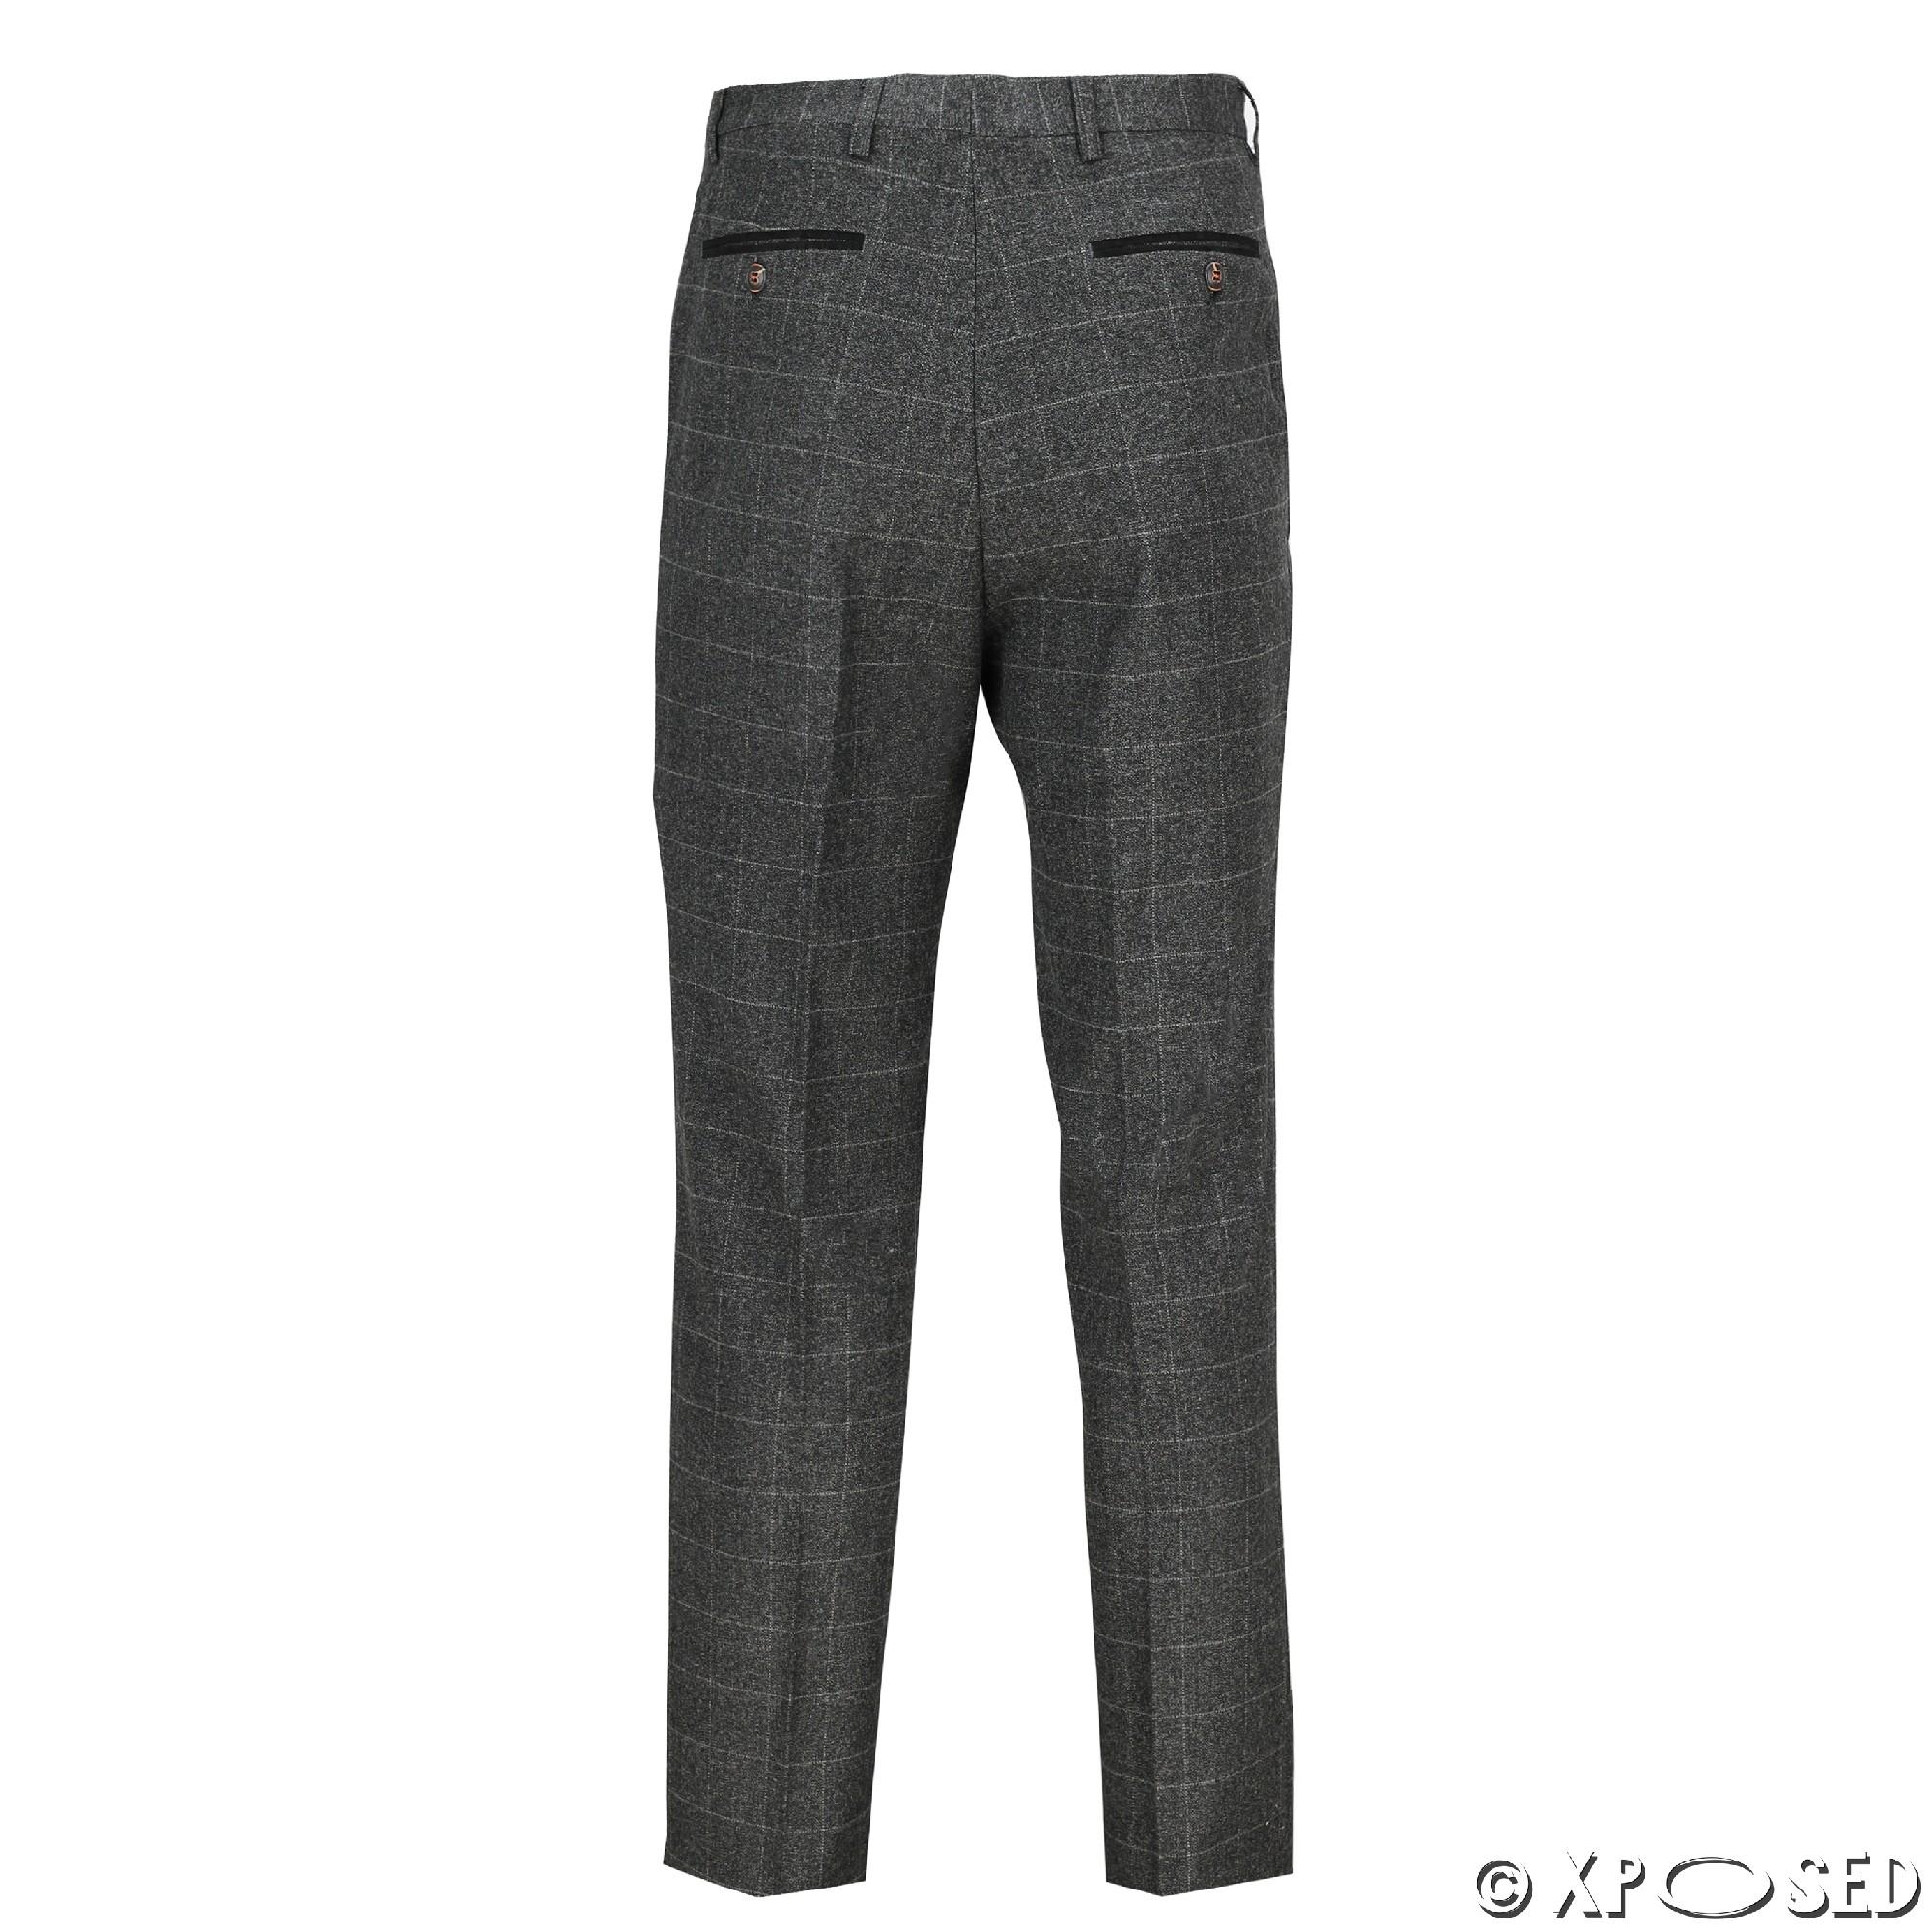 Mens Vintage Large Check Tweed Herringbone Slim Fit Trousers Smart Formal Pant | EBay